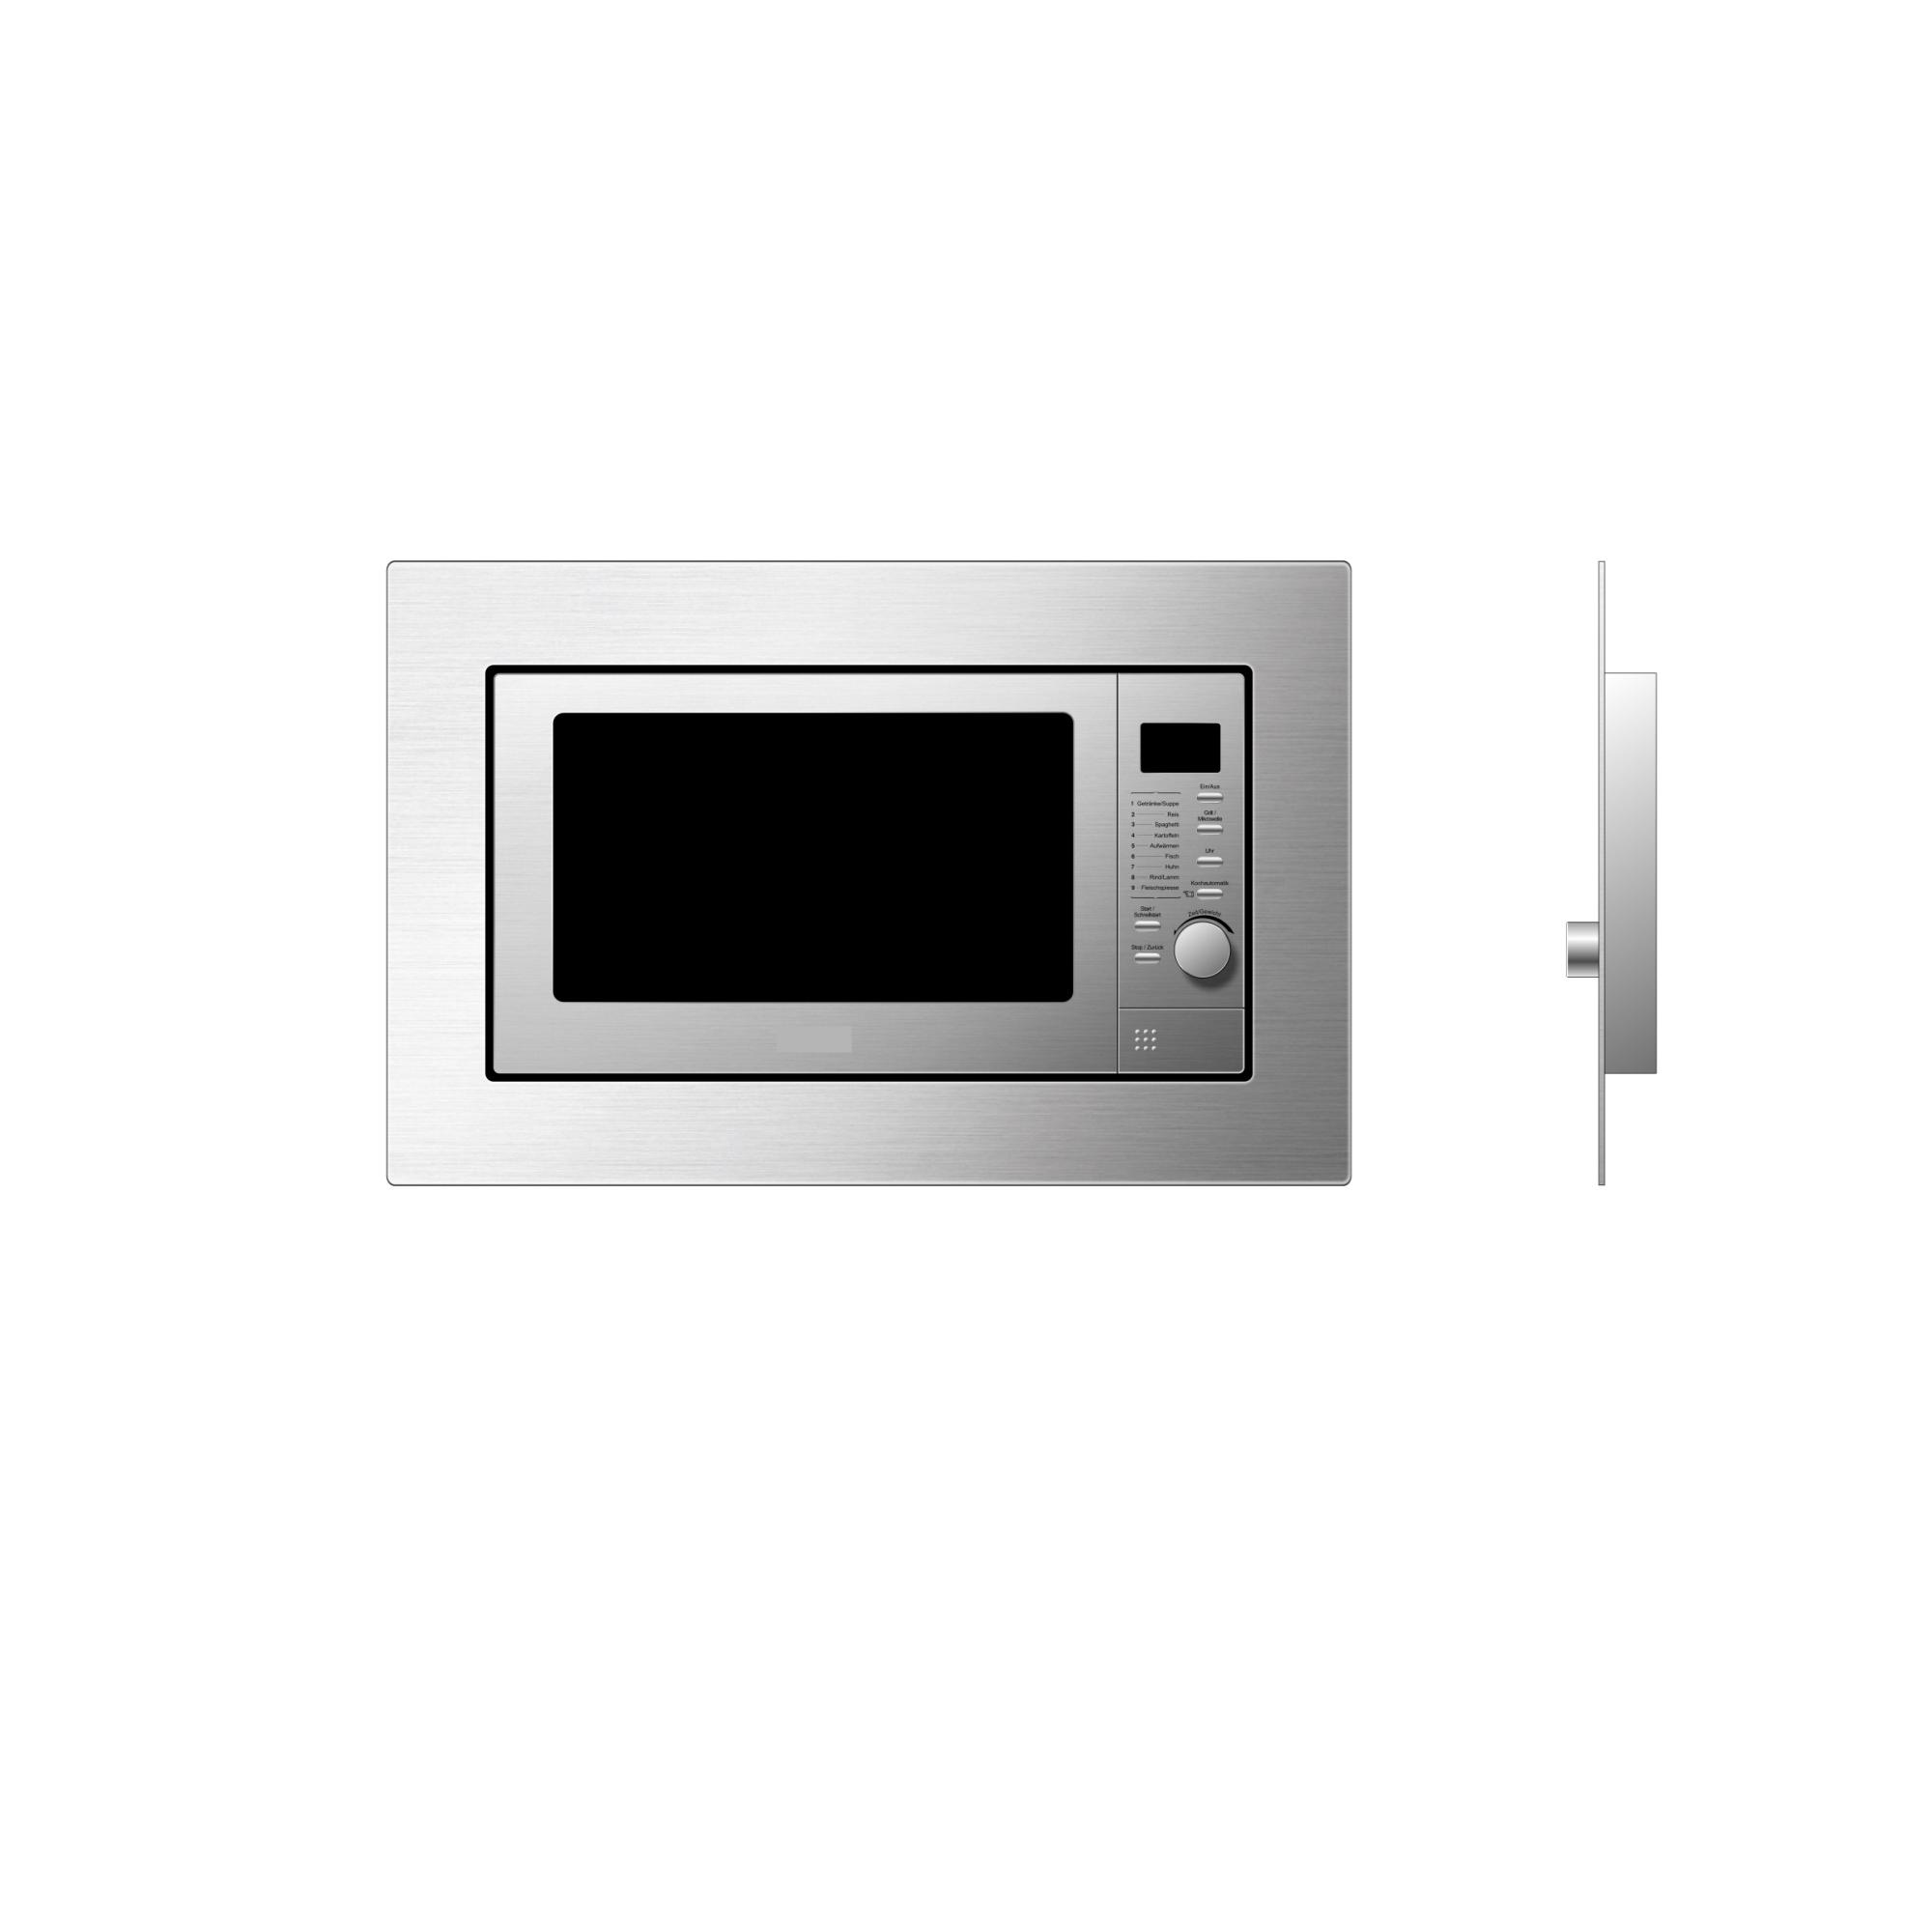 Full Size of Mini Büro Küche Büroküche Respekta Küchenzeile Büro Küche Büro Küche Weiß Küche Büroküche